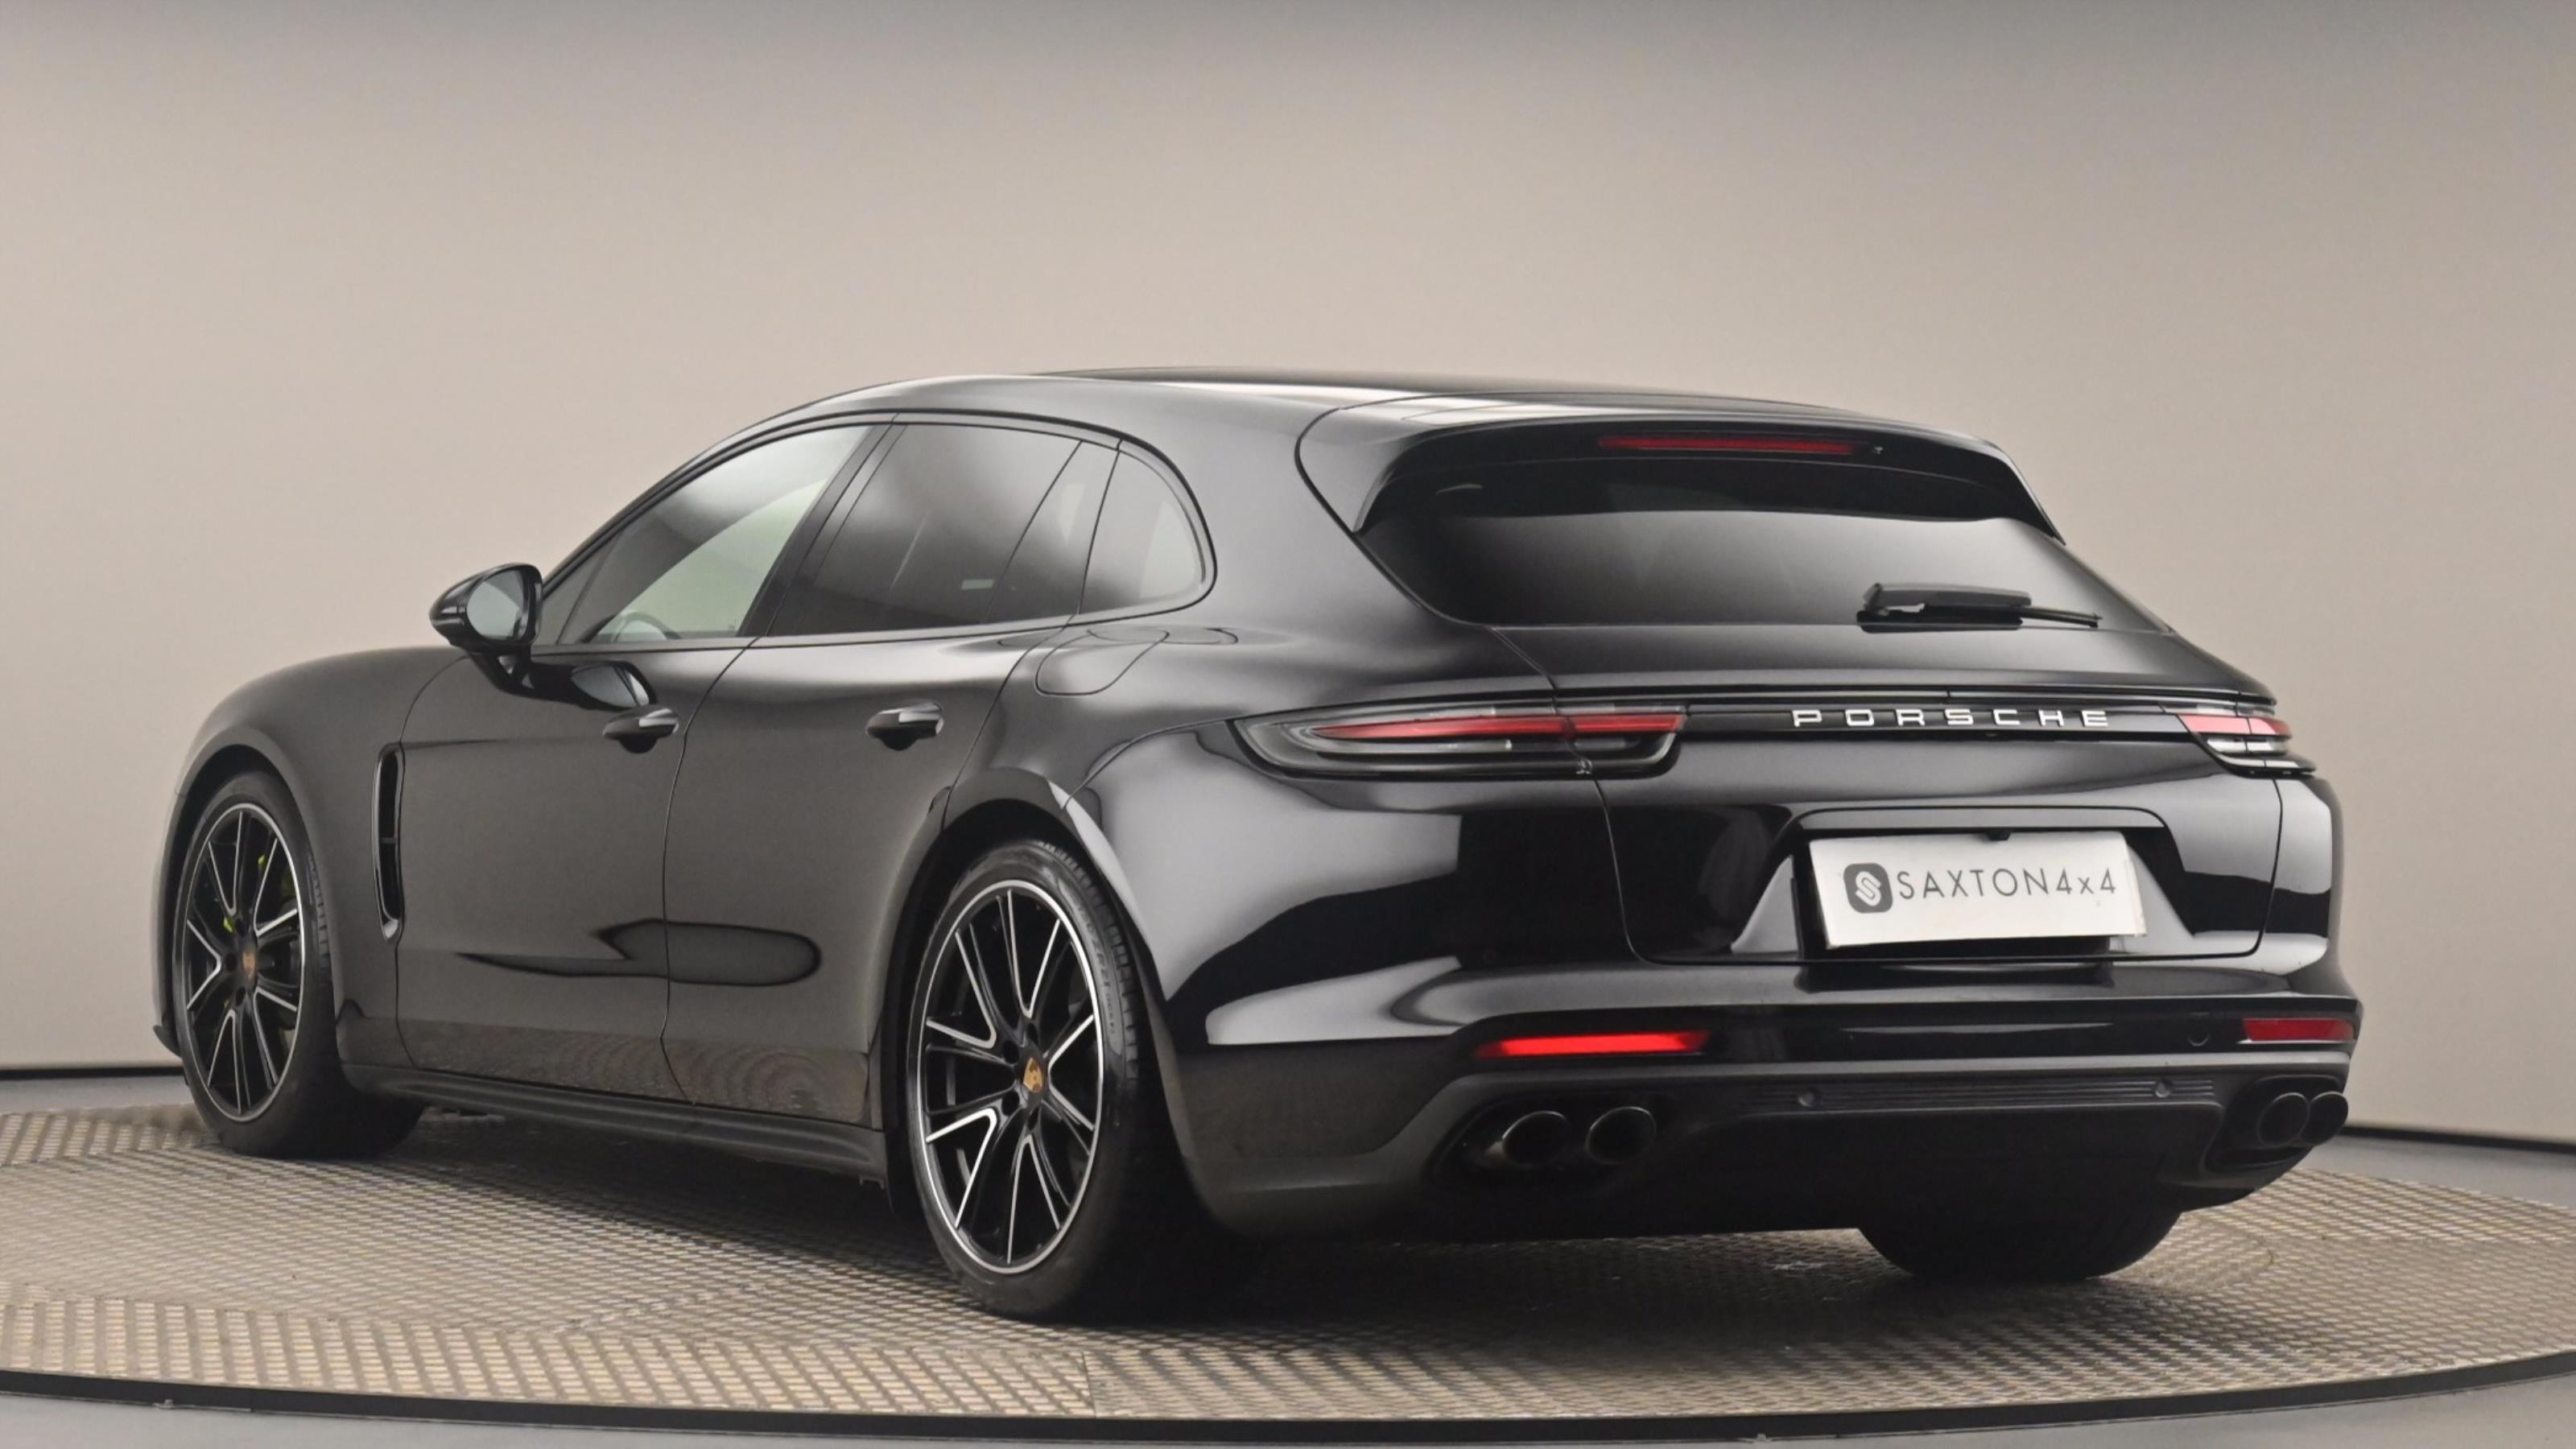 Used 2019 Porsche PANAMERA 2.9 V6 4 E-Hybrid 5dr PDK Black at Saxton4x4